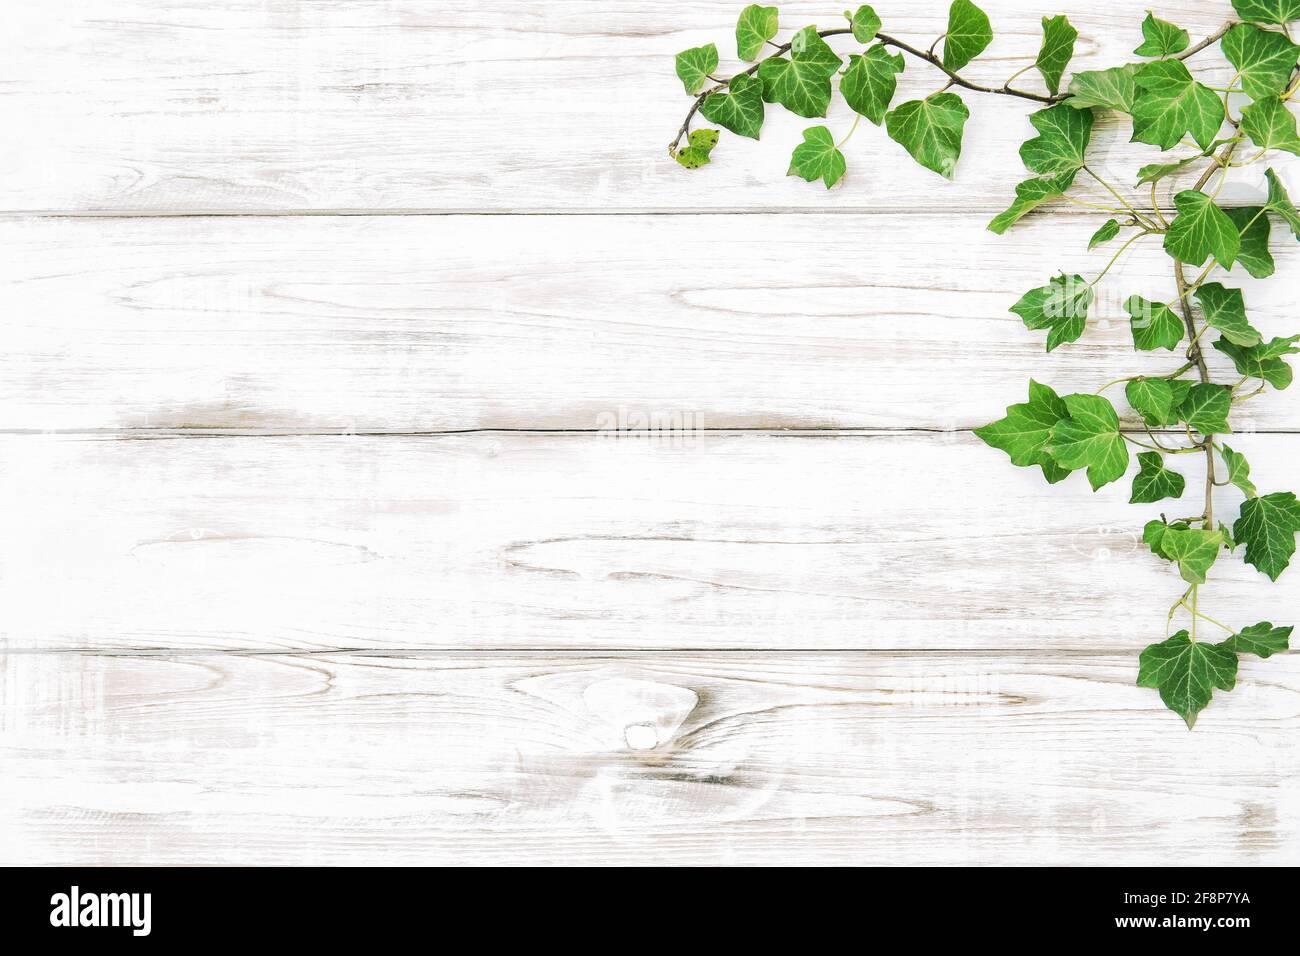 Plantes vertes sur une texture en bois clair. Fond floral Banque D'Images